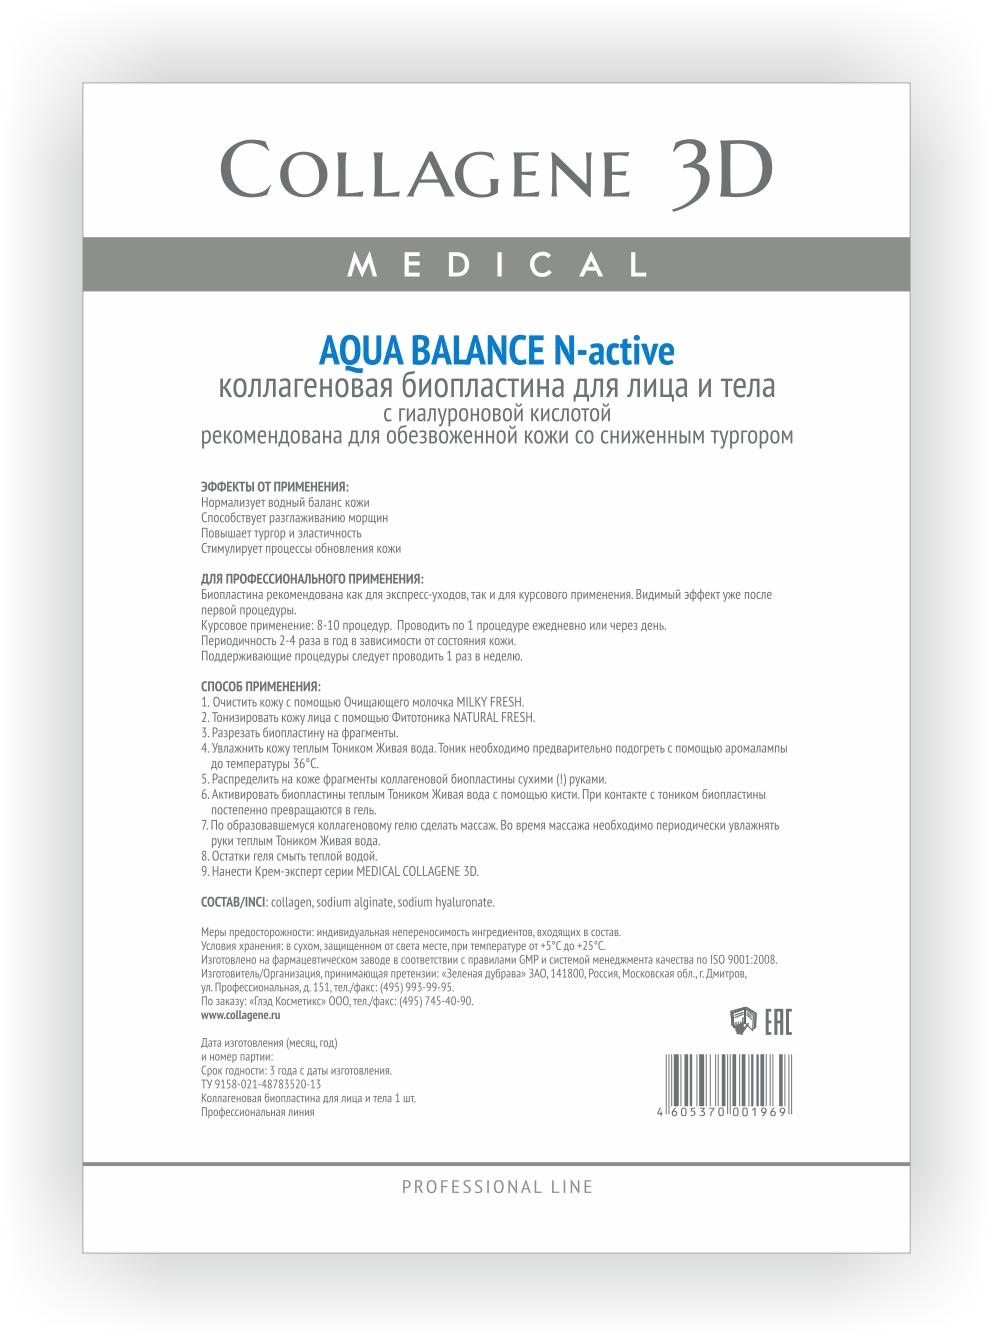 MEDICAL COLLAGENE 3D Биопластины коллагеновые с гиалуроновой кислотой для лица и тела Aqua Balance А4